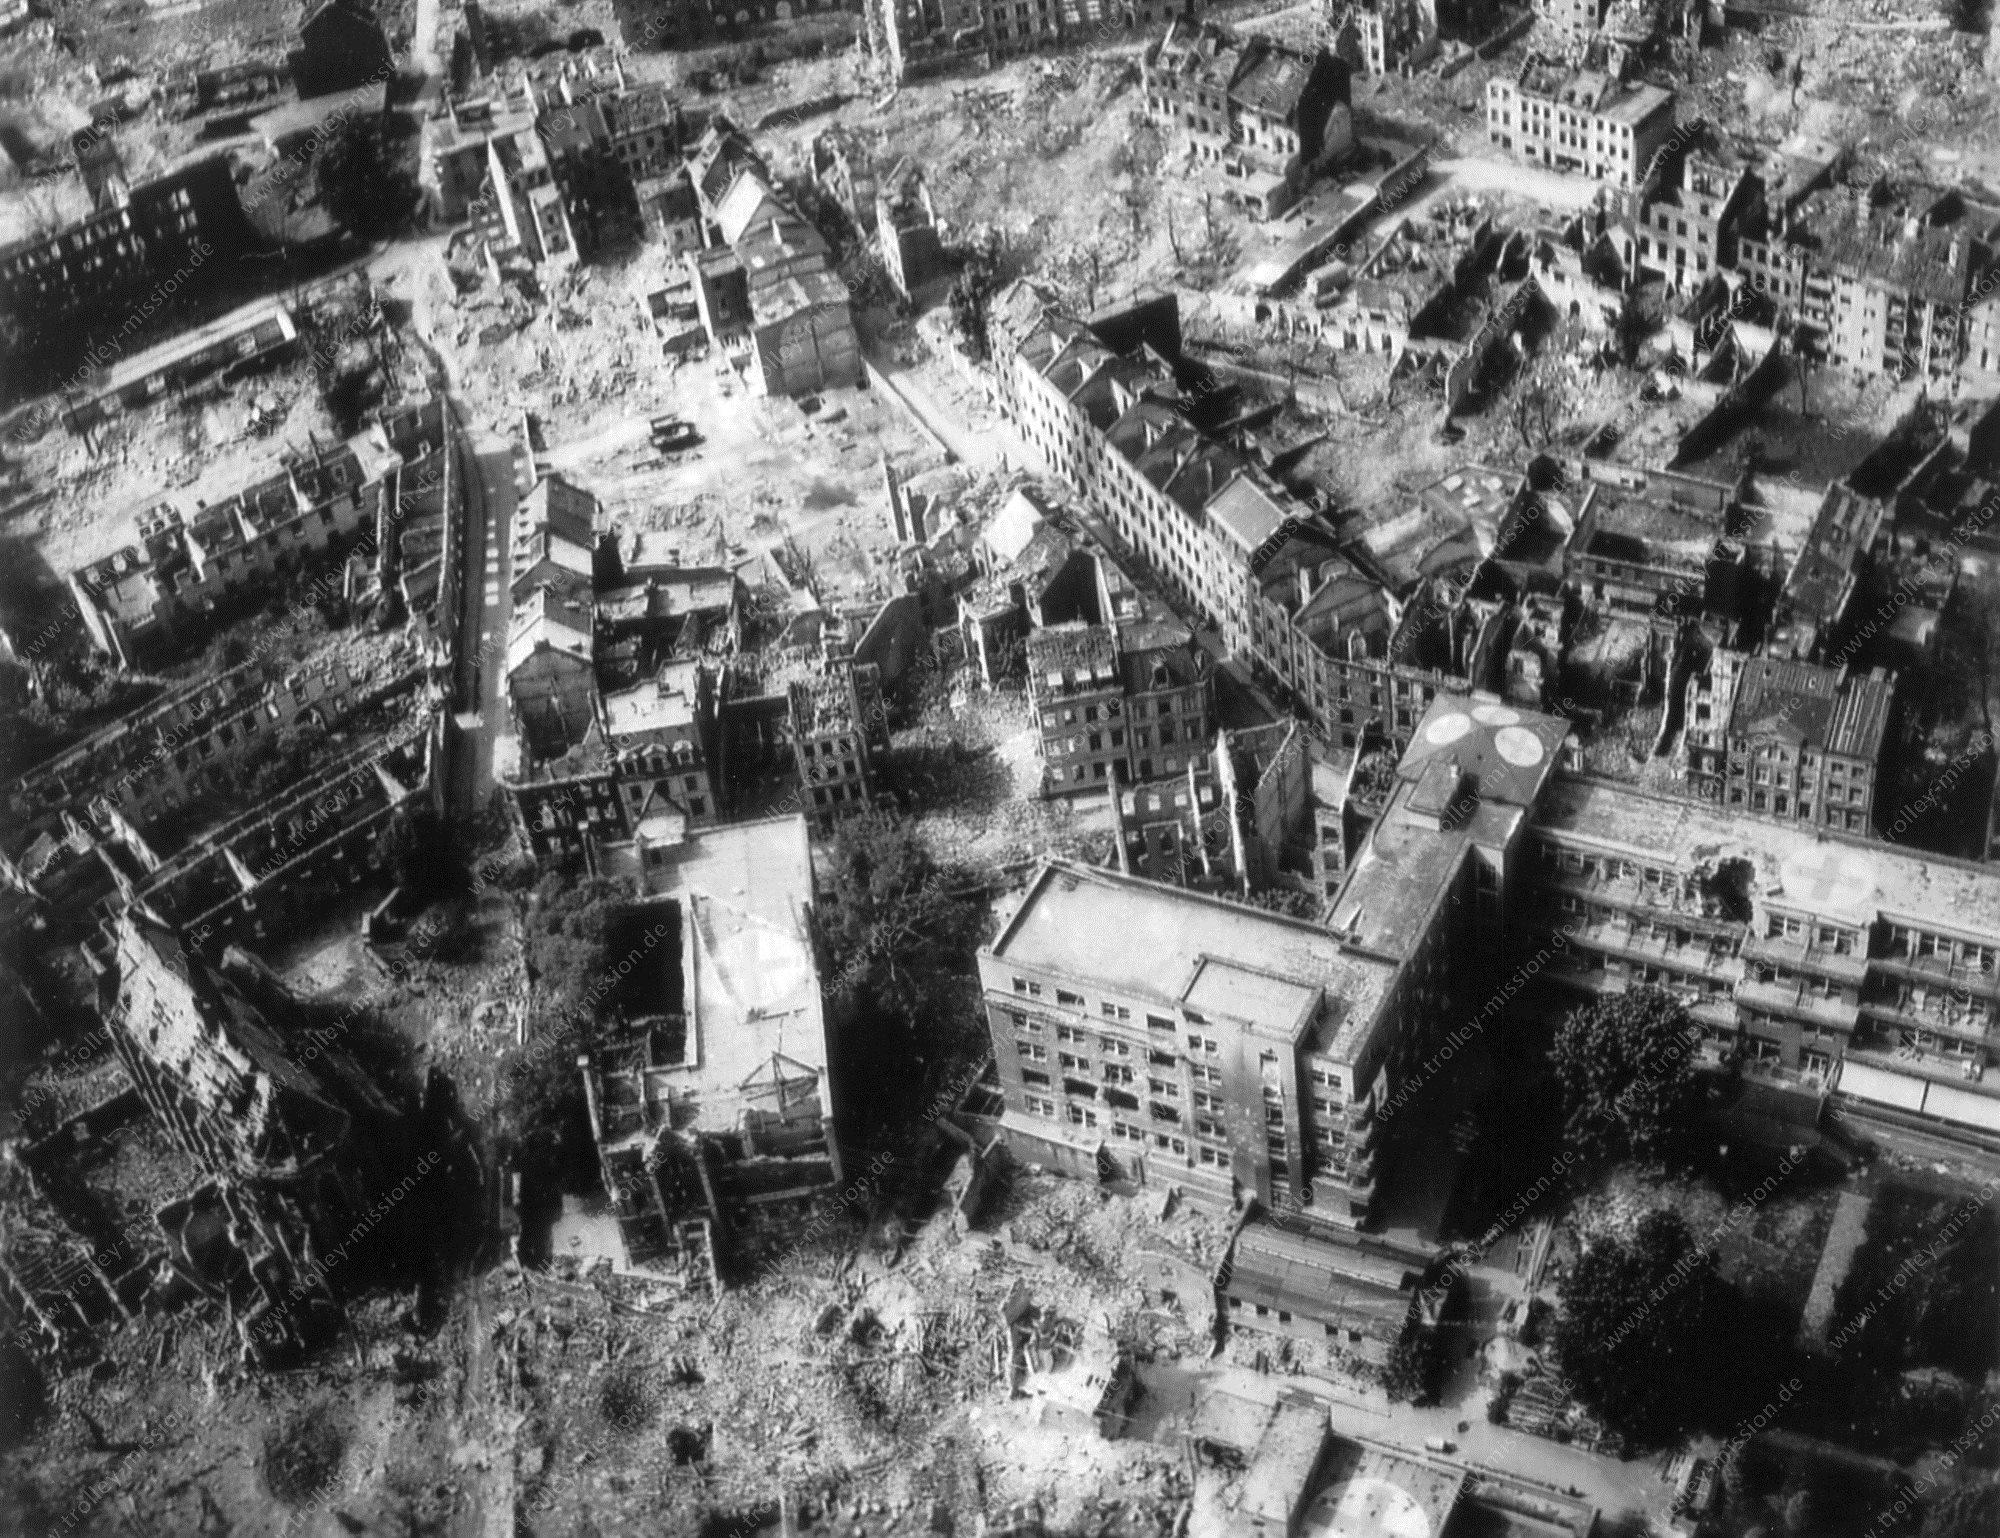 Krankenhaus der Augustinerinnen in Köln - Luftbild aus dem Zweiten Weltkrieg